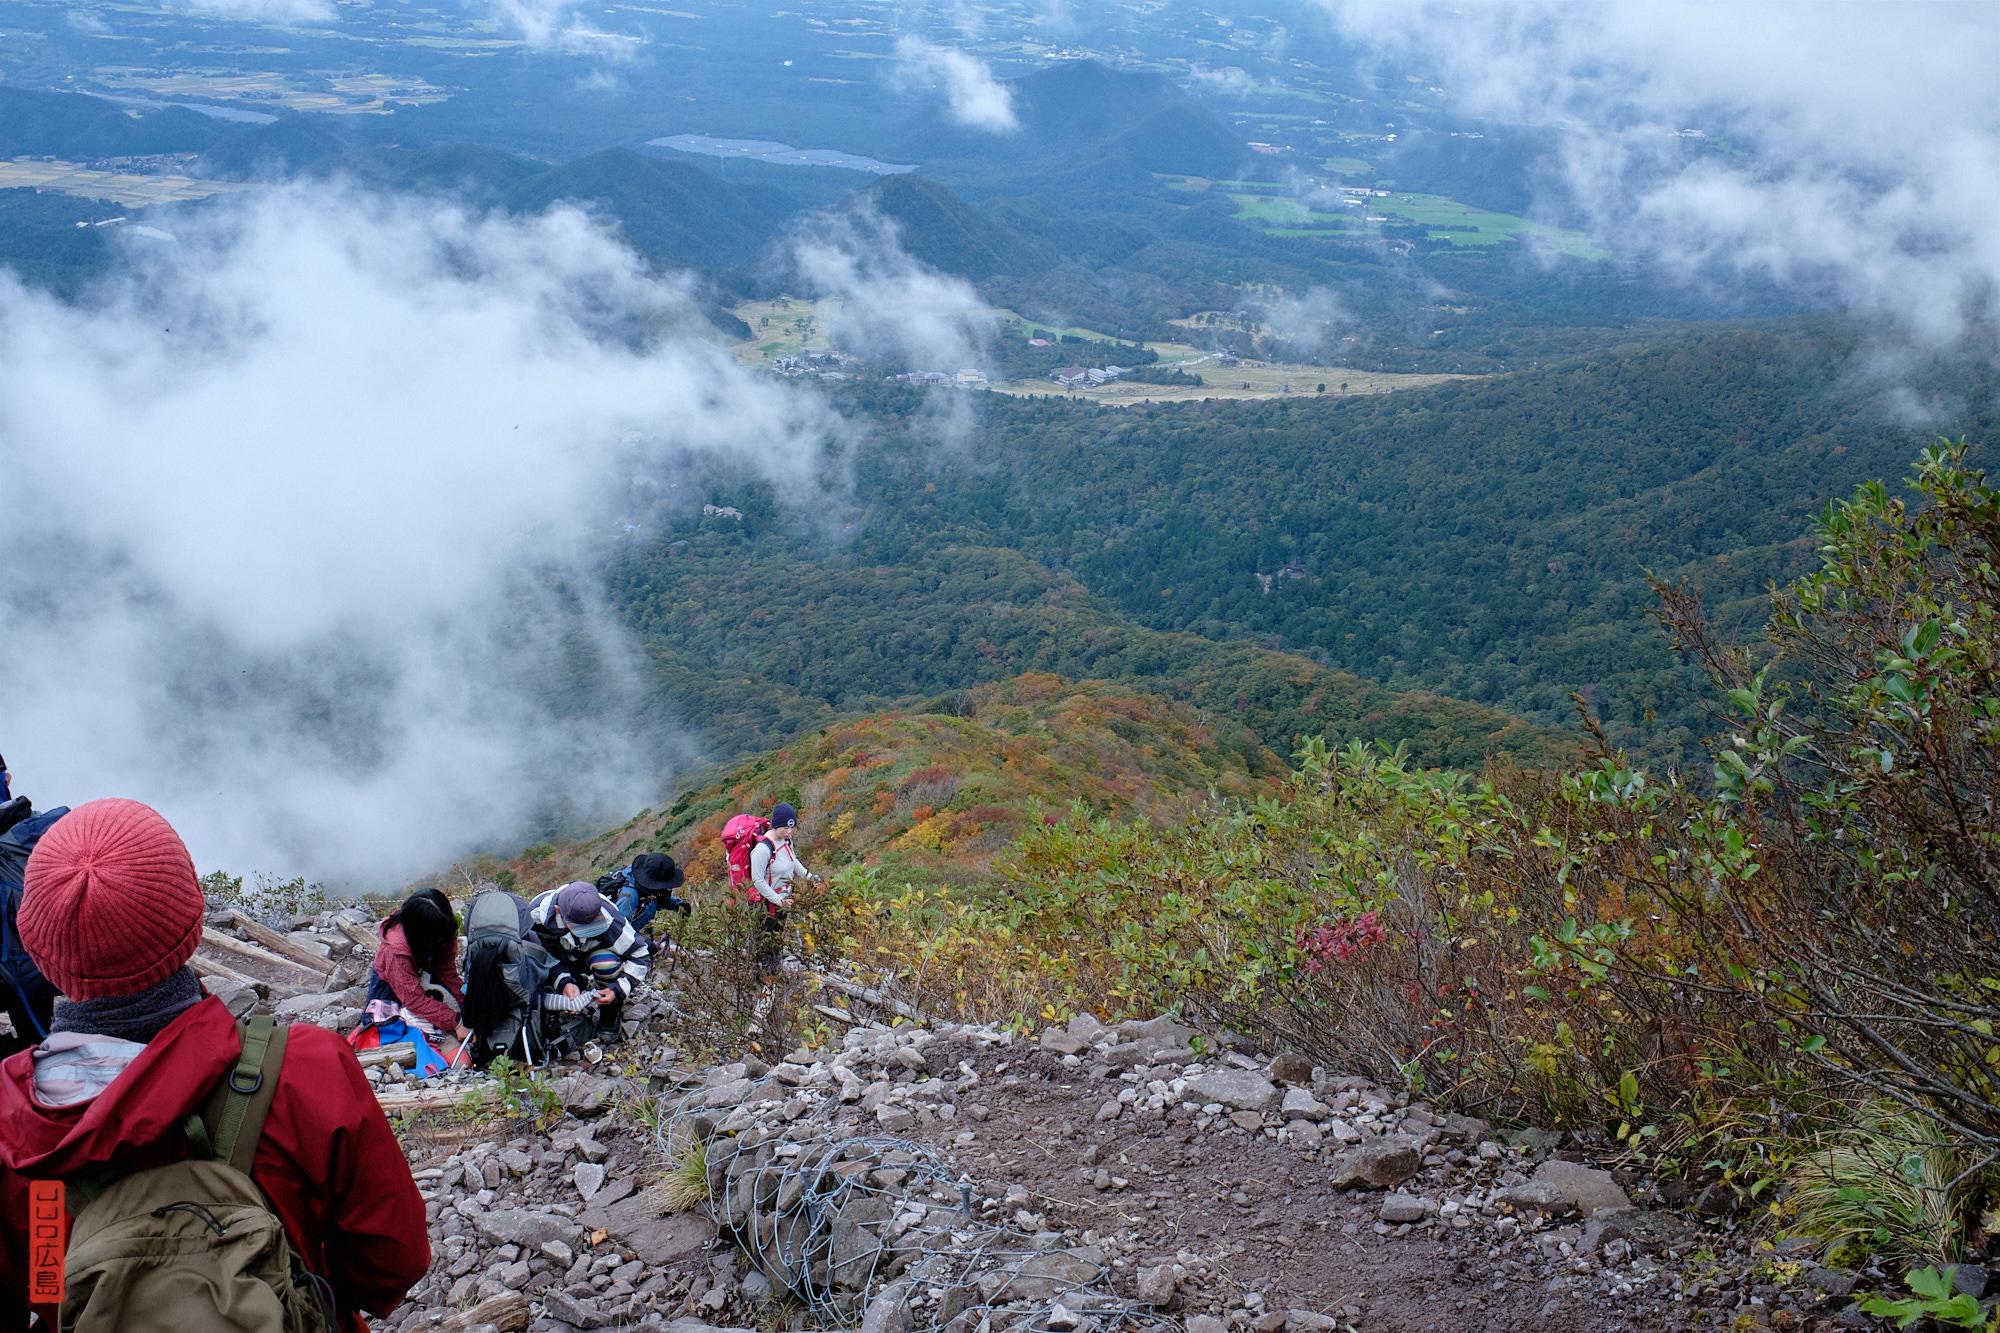 Redesecente du mont Misen